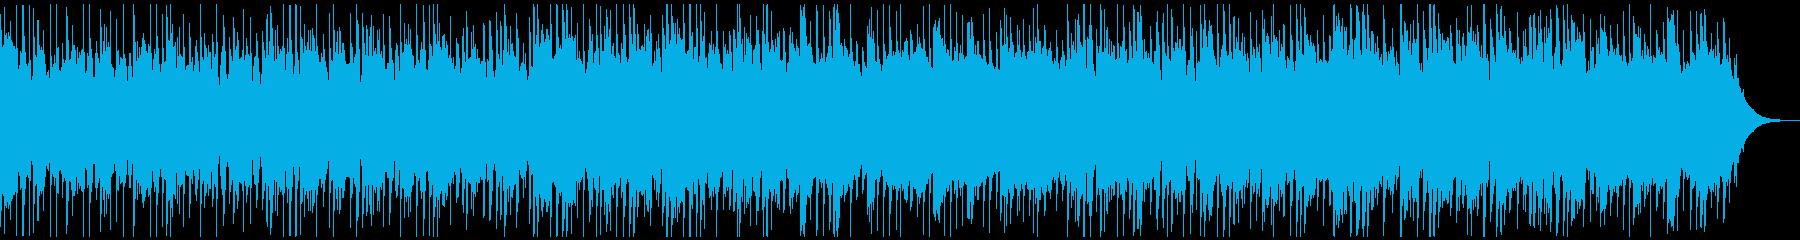 コーポレート テクノロジー 弦楽器...の再生済みの波形